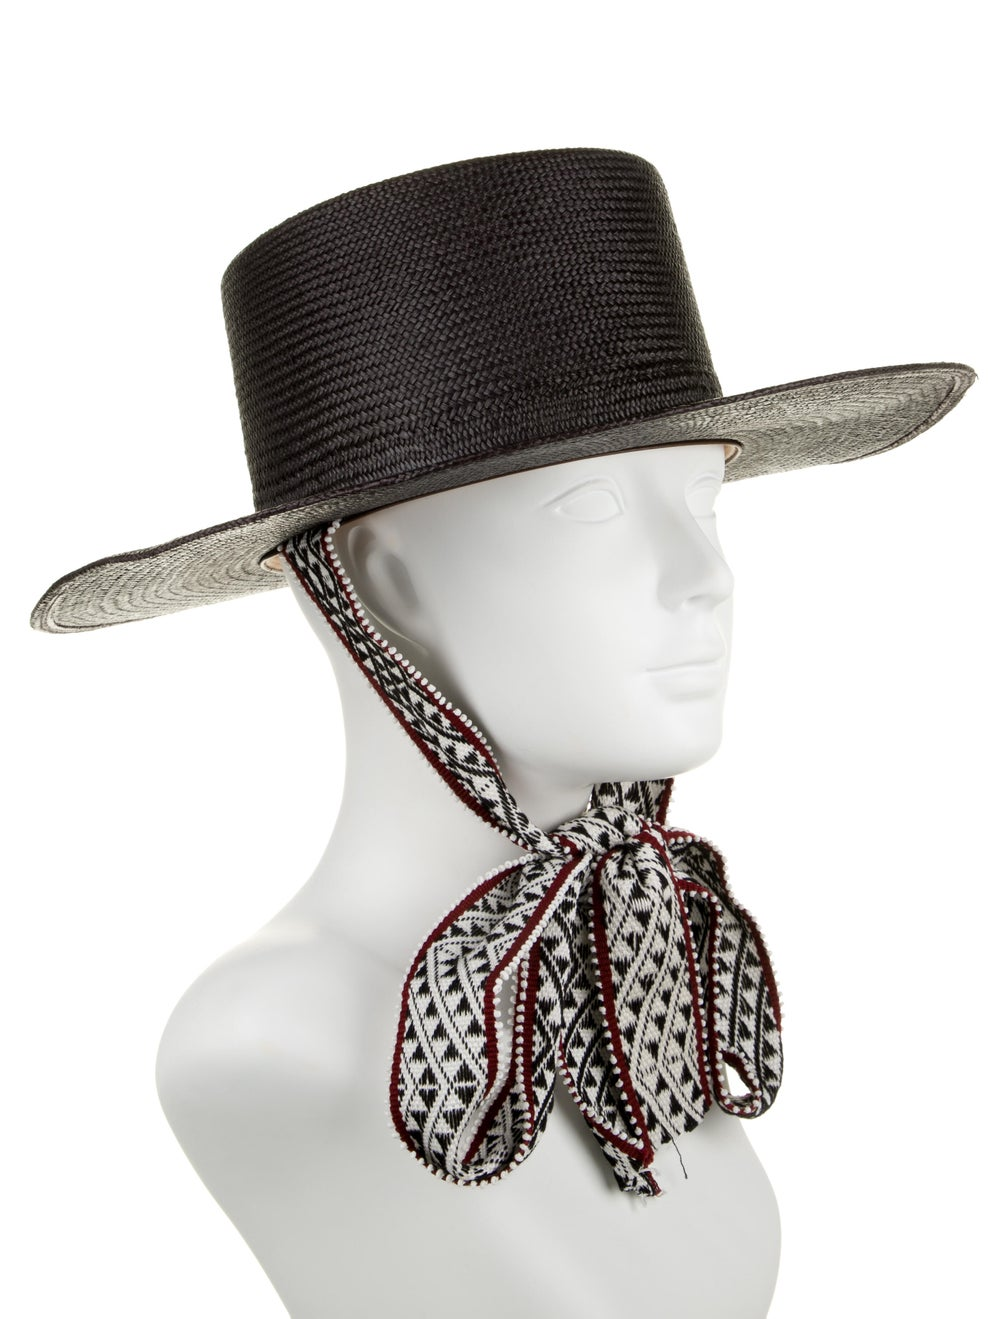 Nick Fouquet Straw Wide Brim Hat Black - image 3